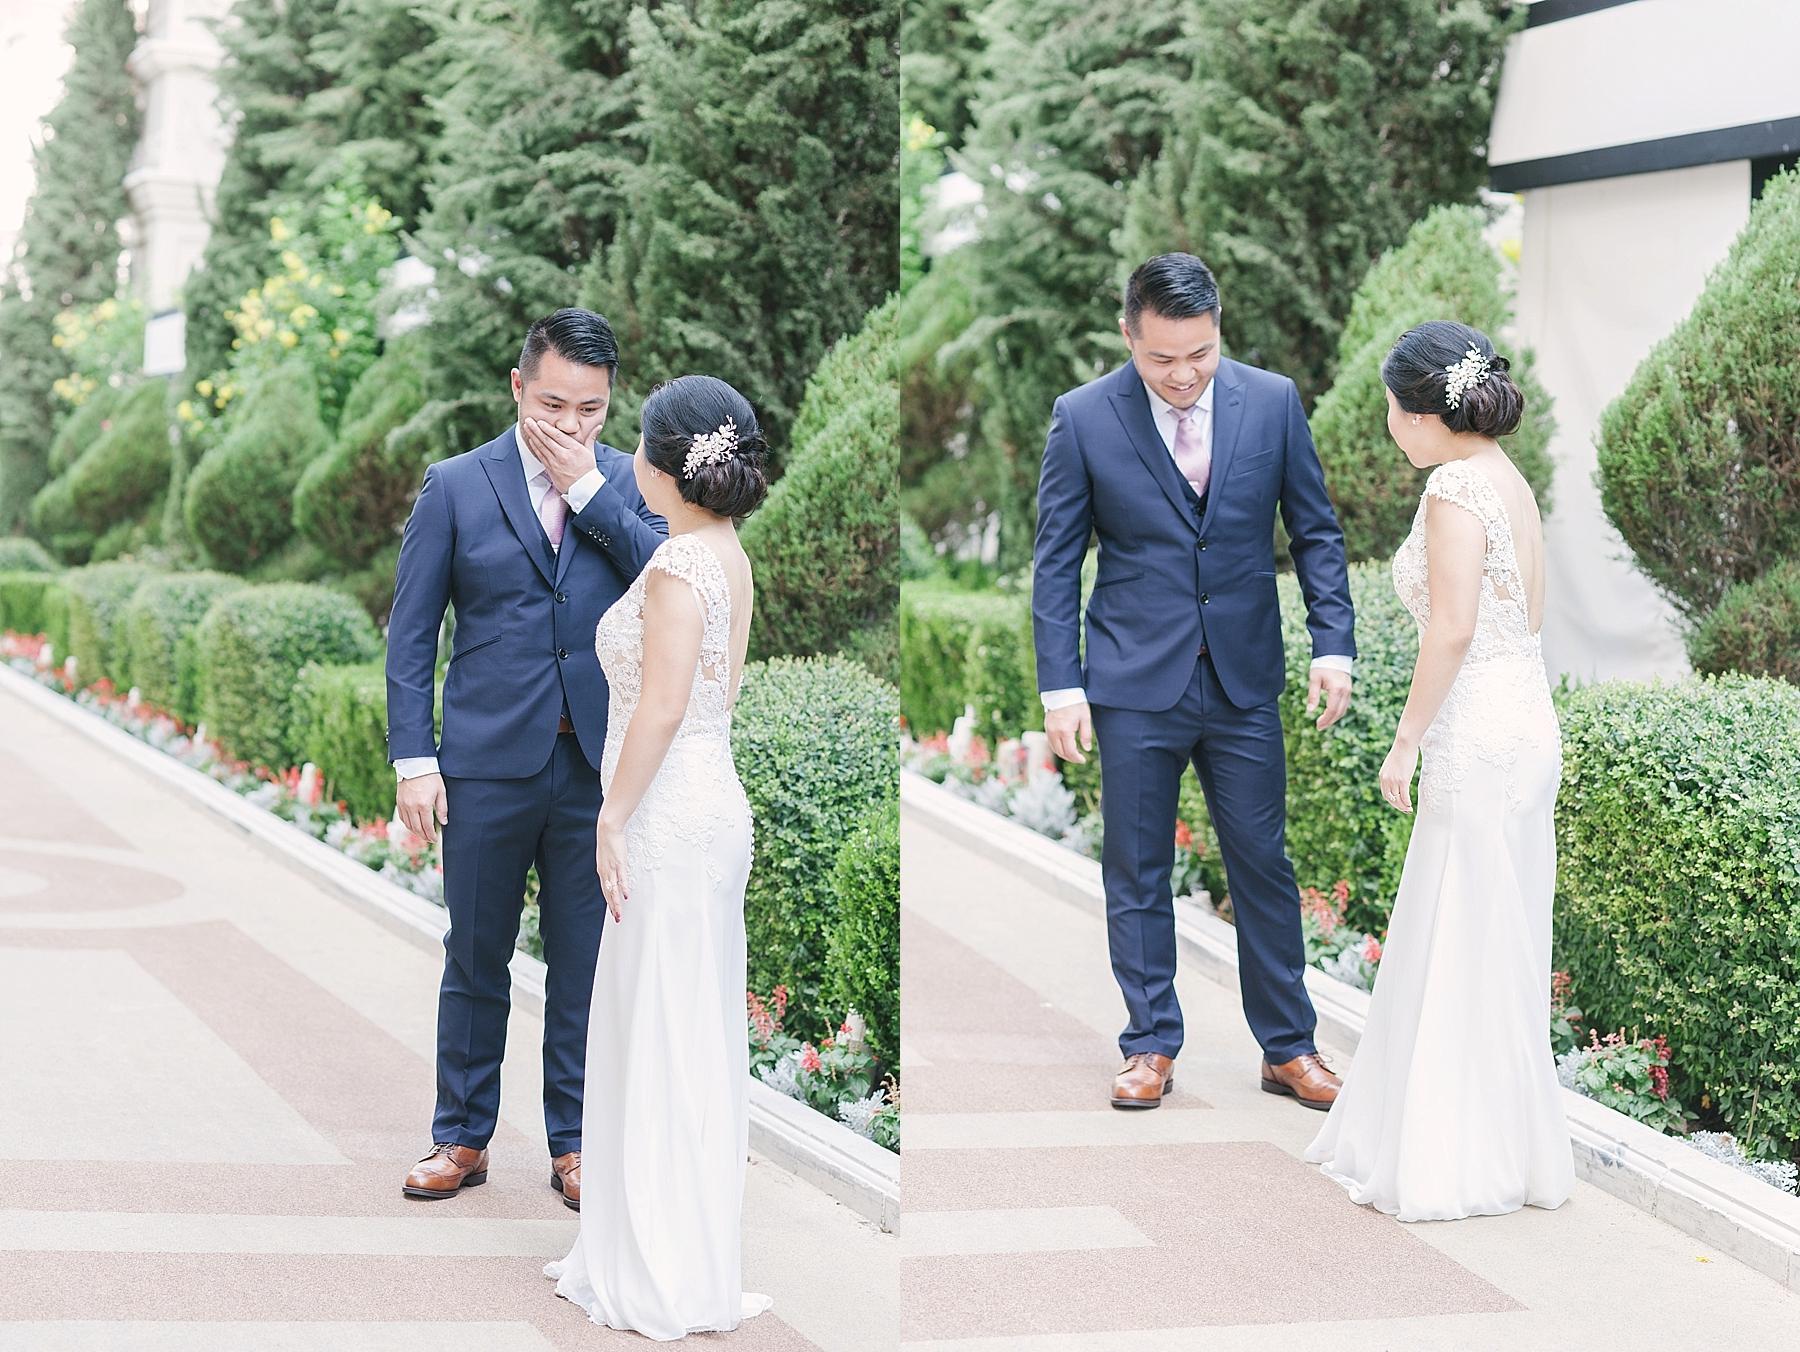 caesars_palace_wedding_las_vegas-17.jpg